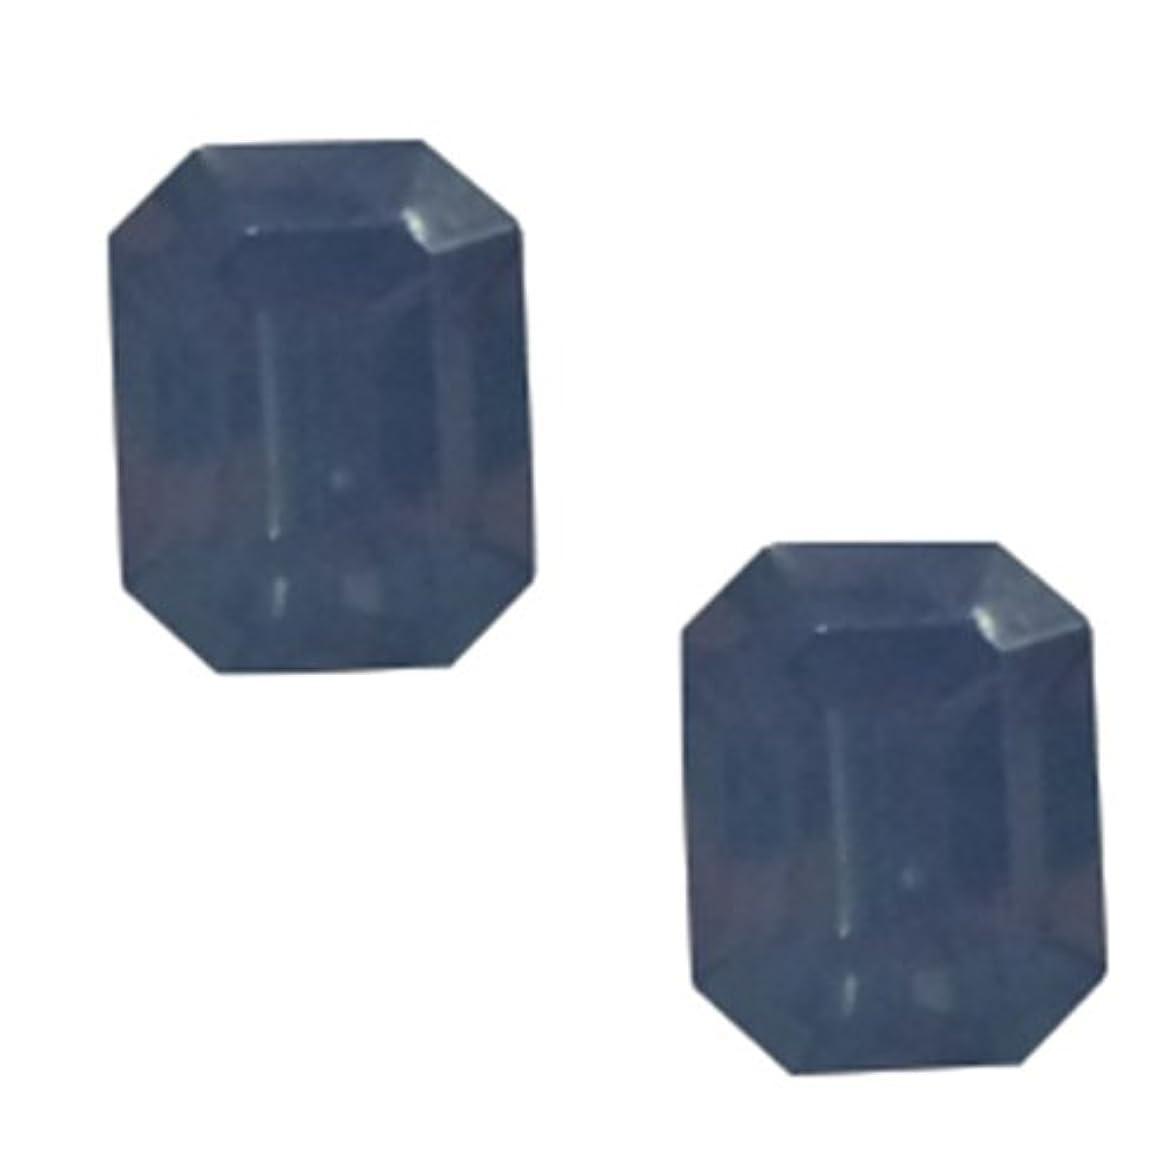 もっともらしい引退するカートPOSH ART ネイルパーツ長方形型 4*6mm 10P ブルーオパール